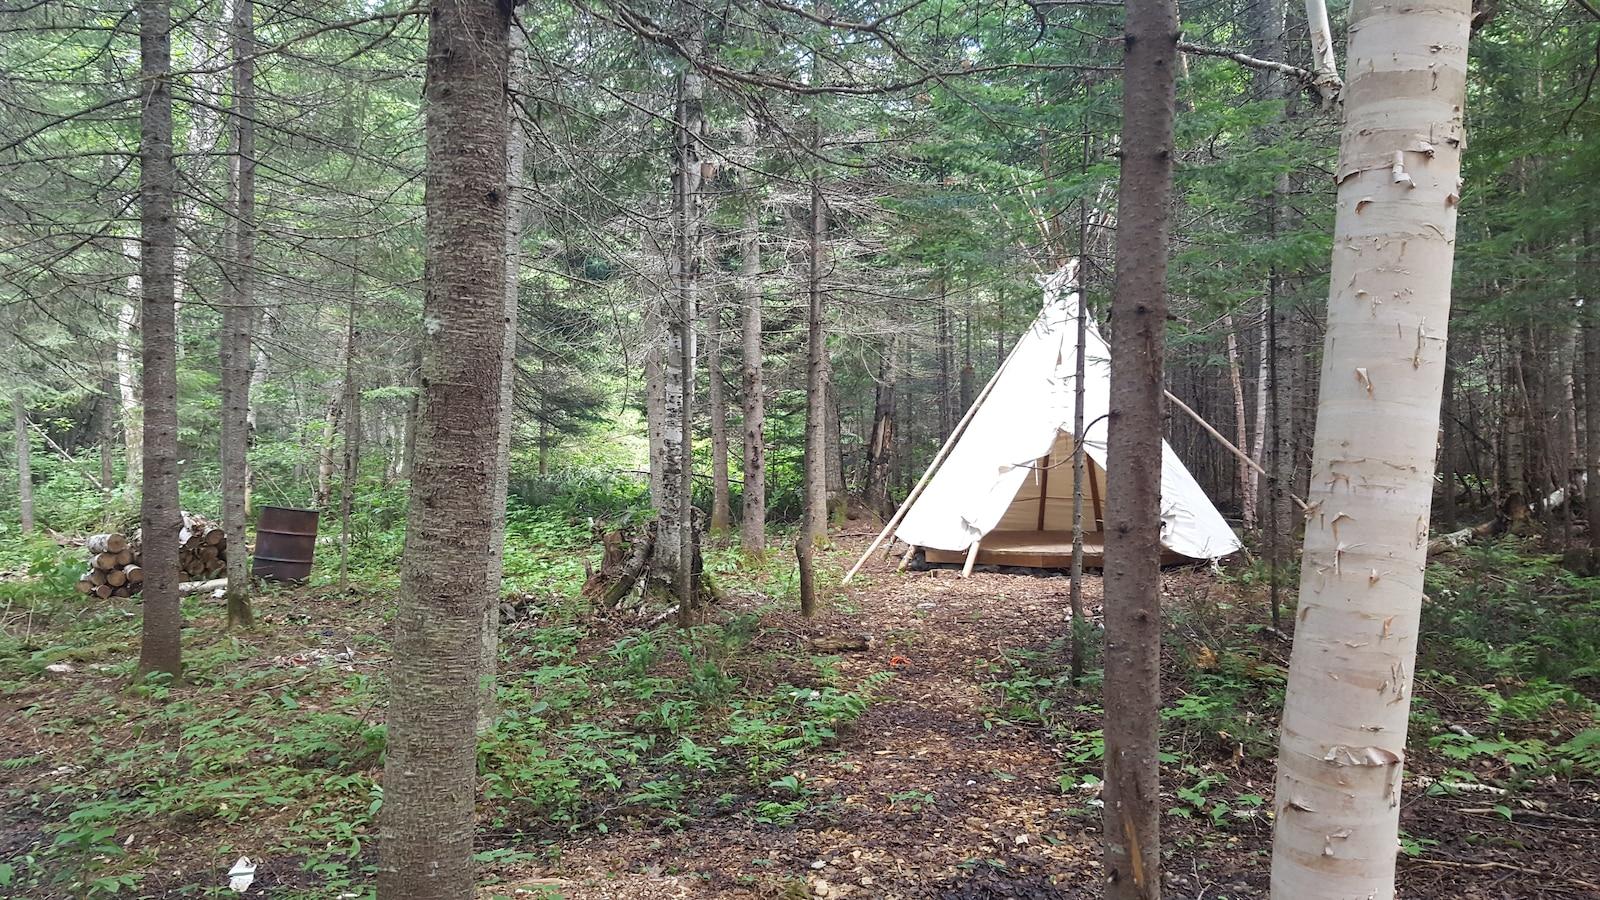 Les Autochtones et non-Autochtones peuvent louer des tipis traditionnels pour passer la nuit en forêt. Les Européens sont particulièrement intéressés par ces expériences touristiques authentiques.